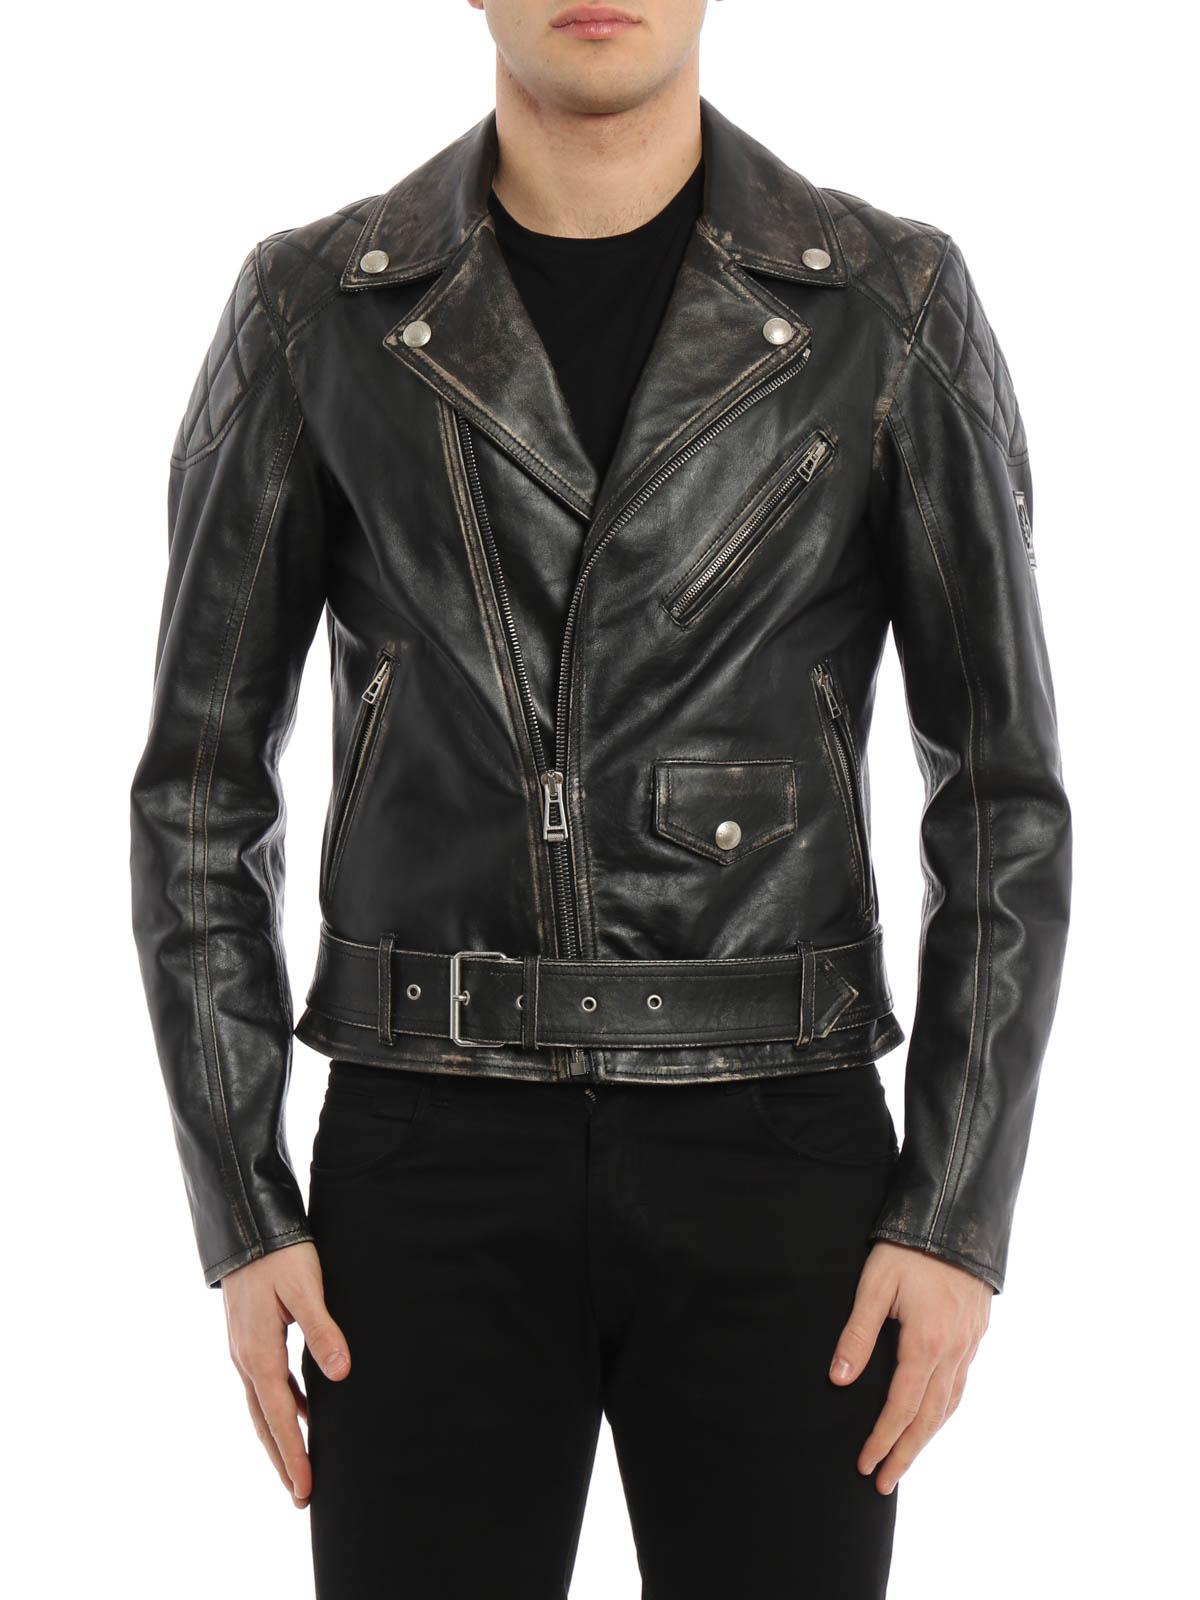 Manteau 71020503 Vestes En en Cuir cuir Arlingham Belstaff Oqd0wO